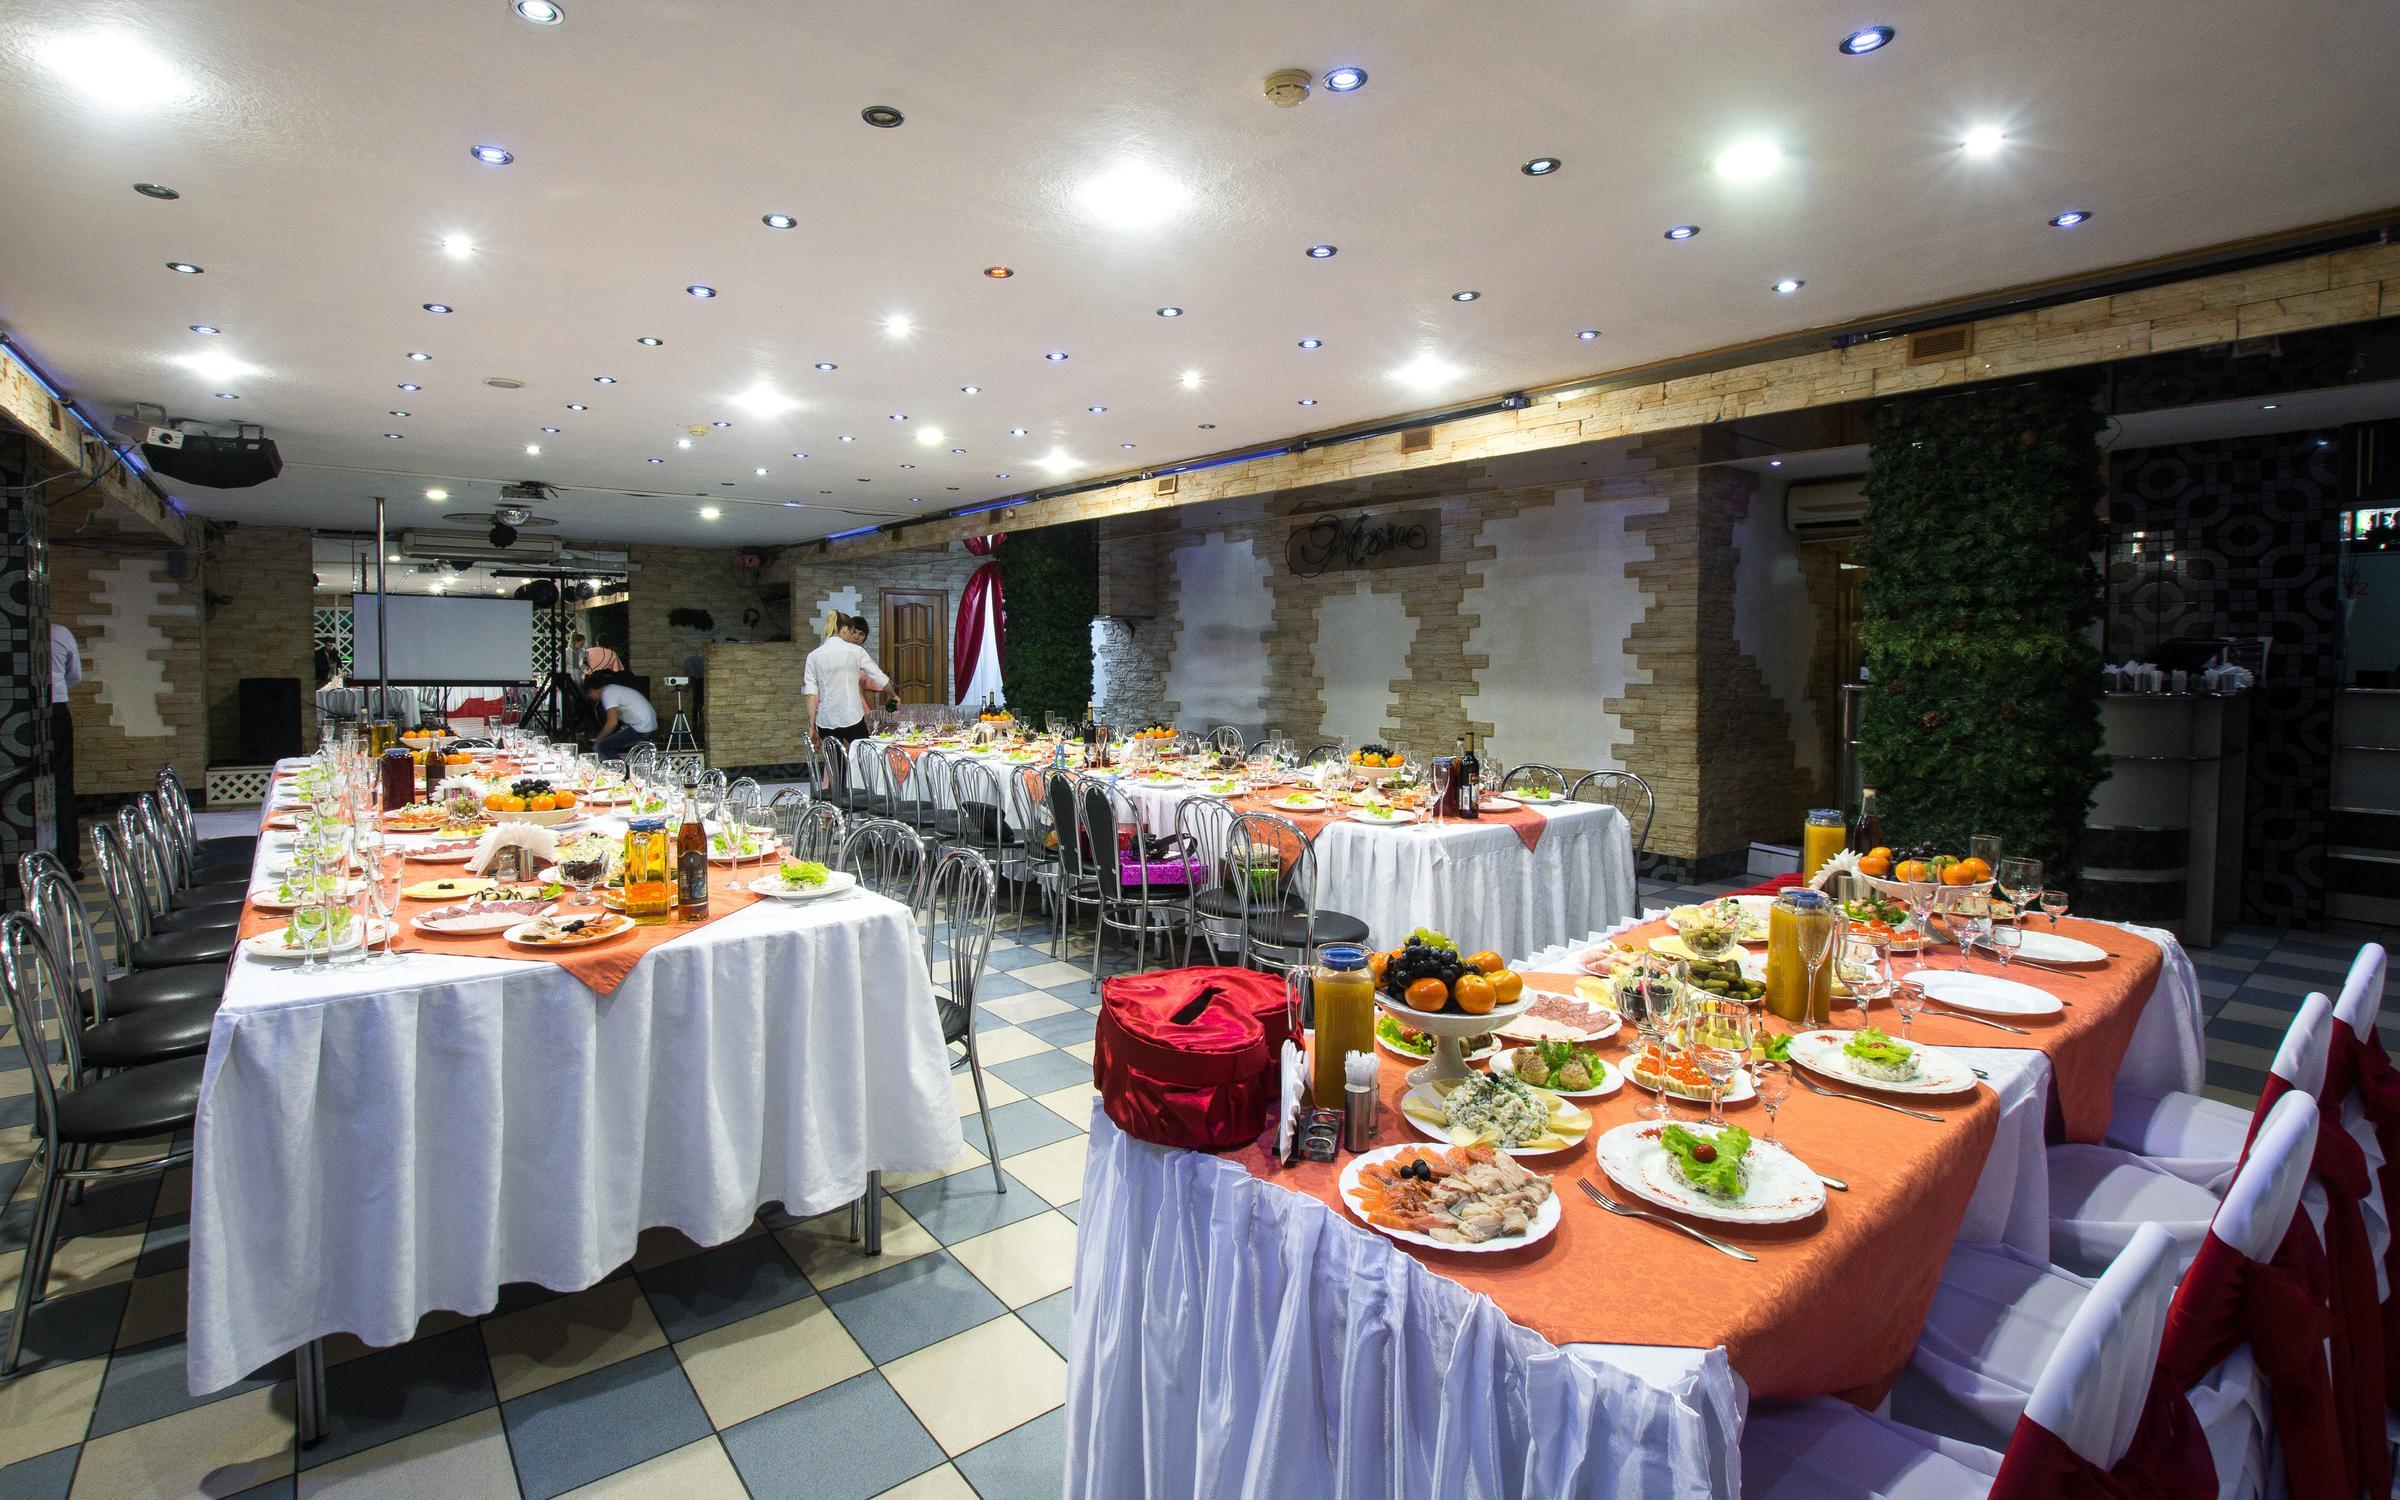 фотография Кафе-бильярдный клуб MASSE на Галкина 2 в Дзержинске